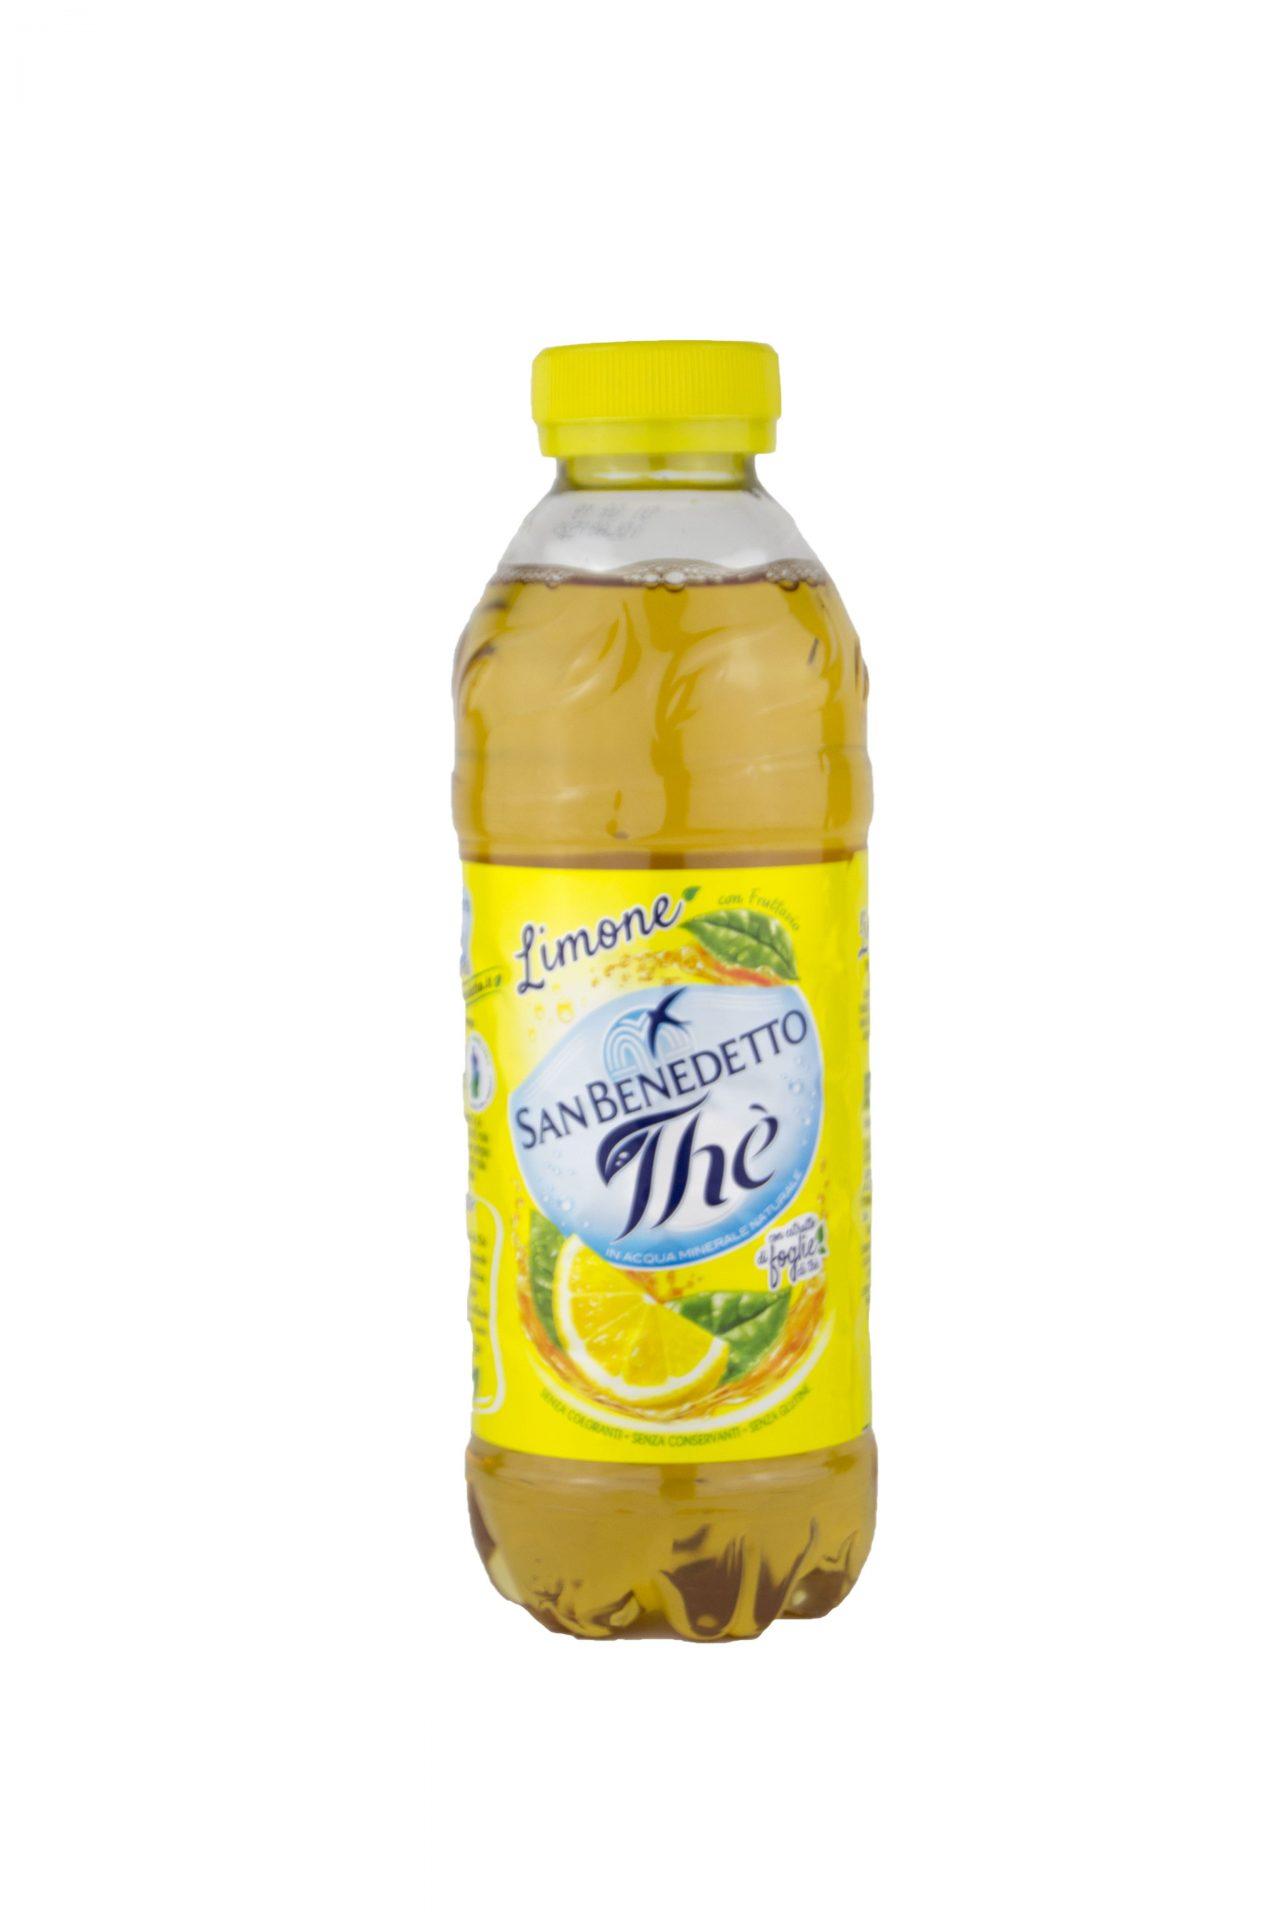 San Benedetto – Thè Limone